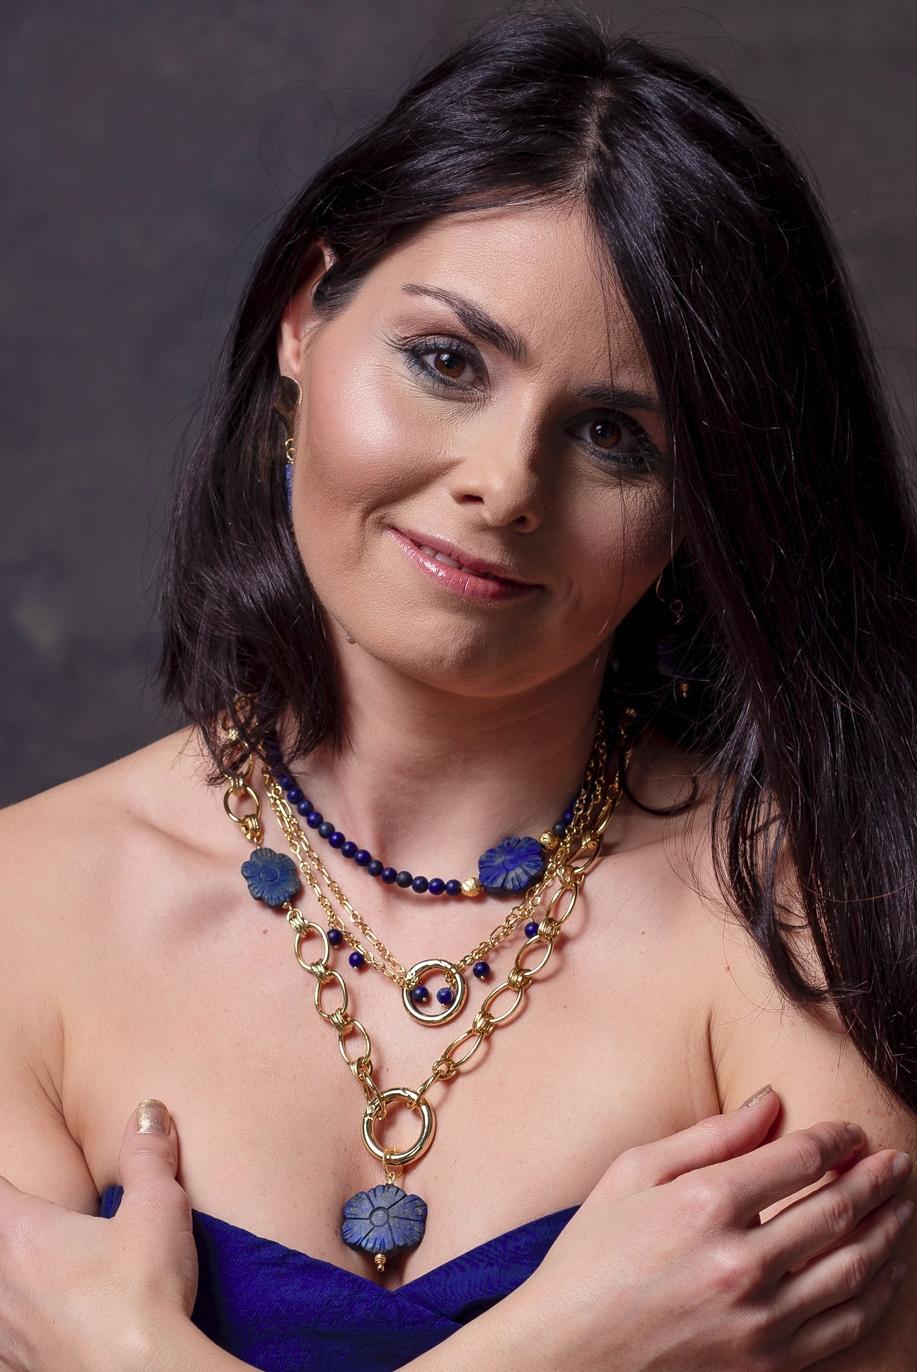 kék virágos szett lápis lazulikkal egy női modellen